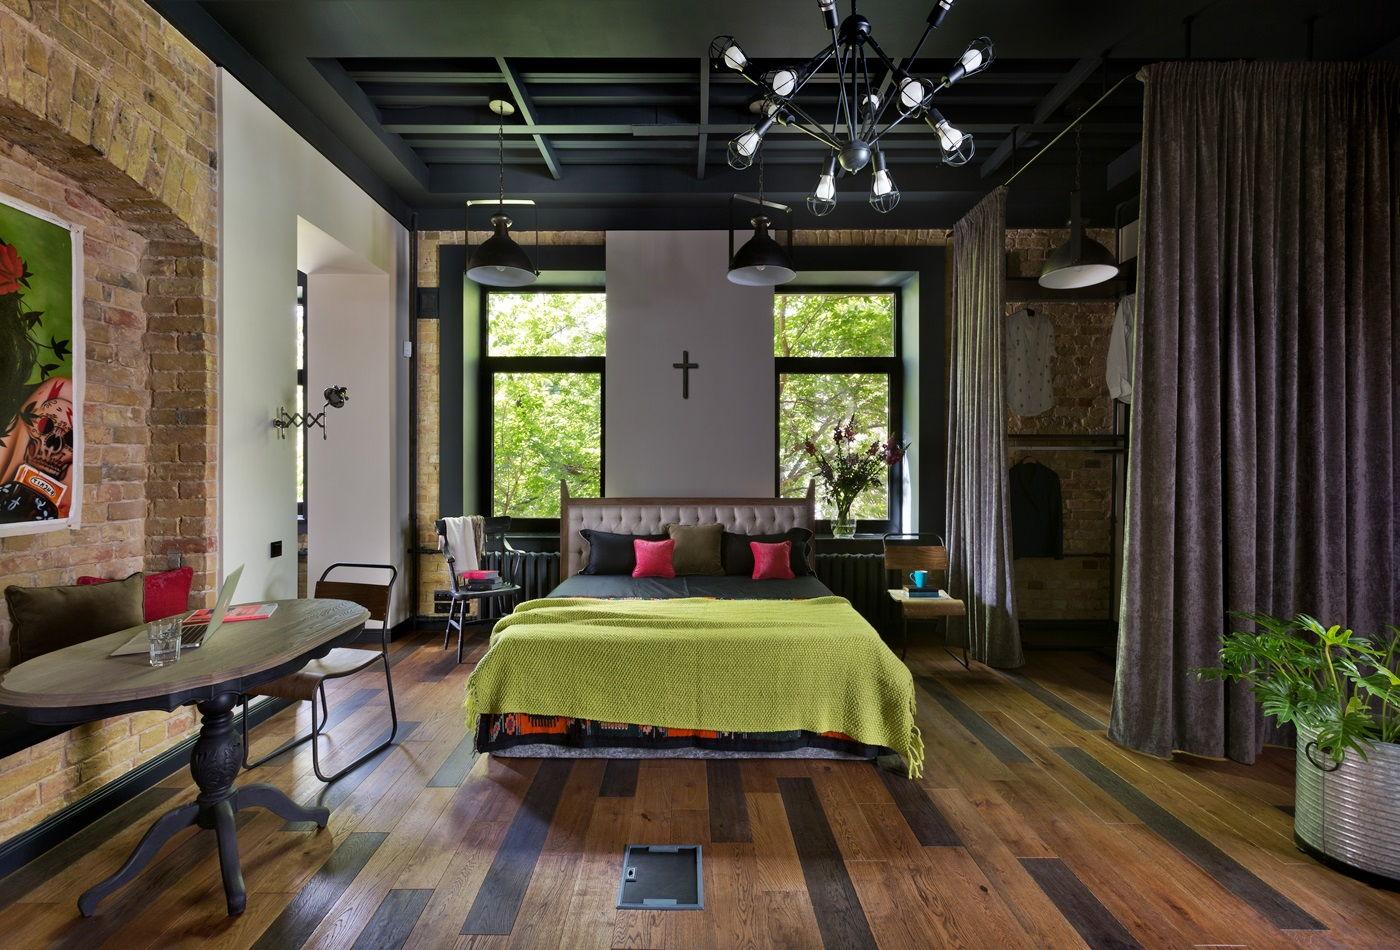 Спальня в стиле лофт: стильные идеи, секреты применения и нюансы оформления спальни (110 фото)